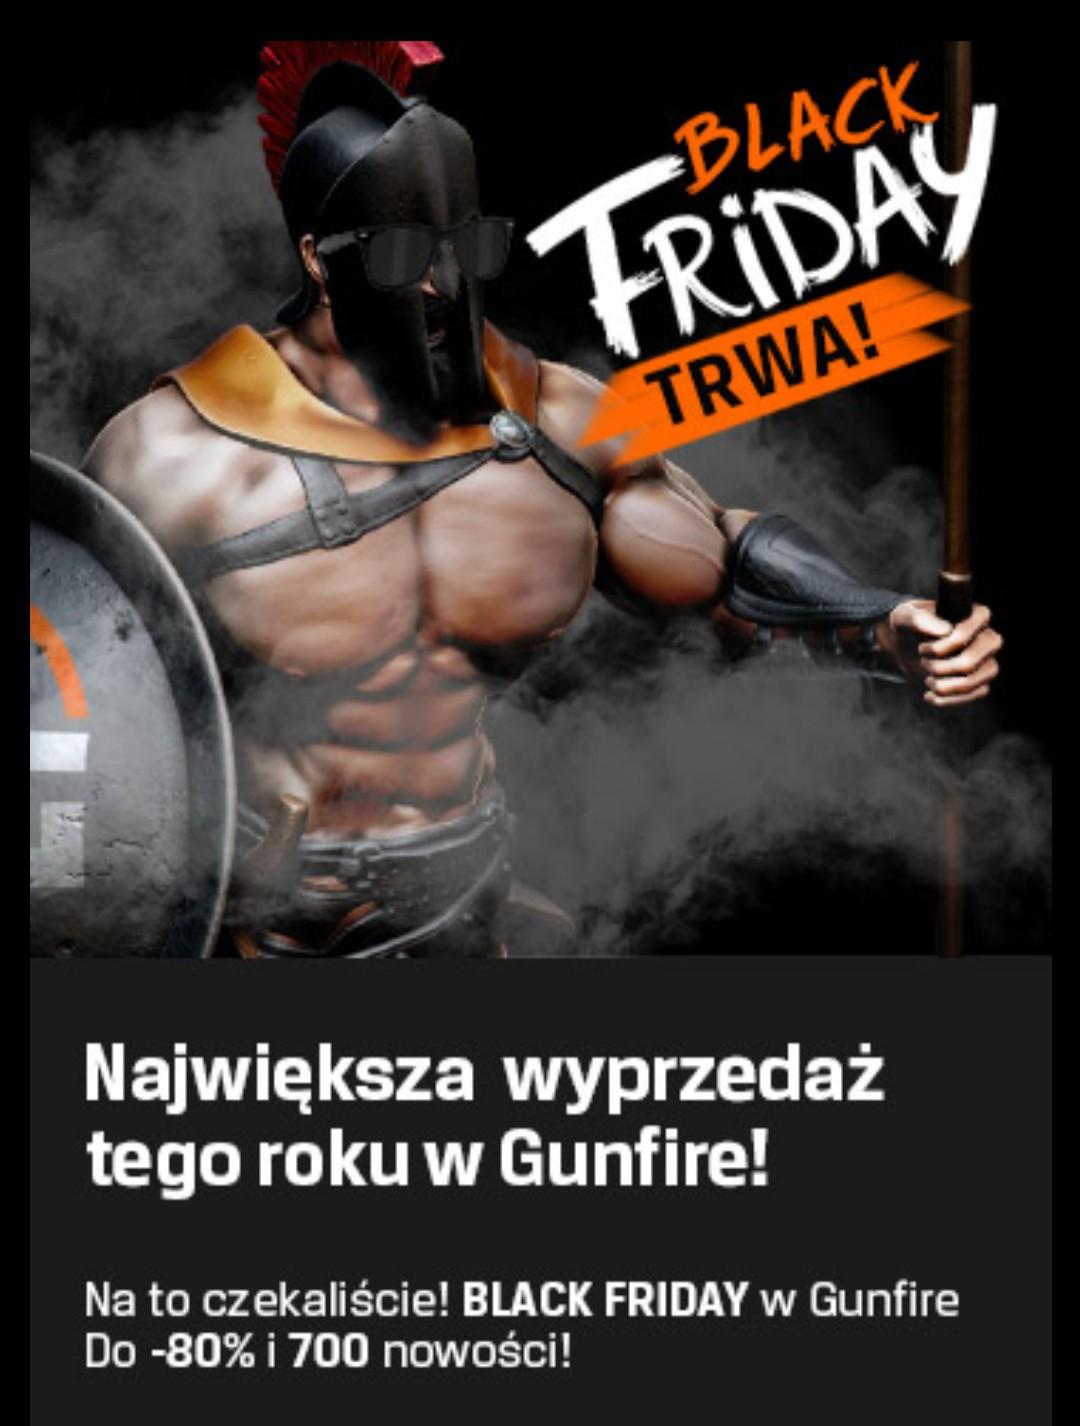 Okazje Black Friday w Gunfire